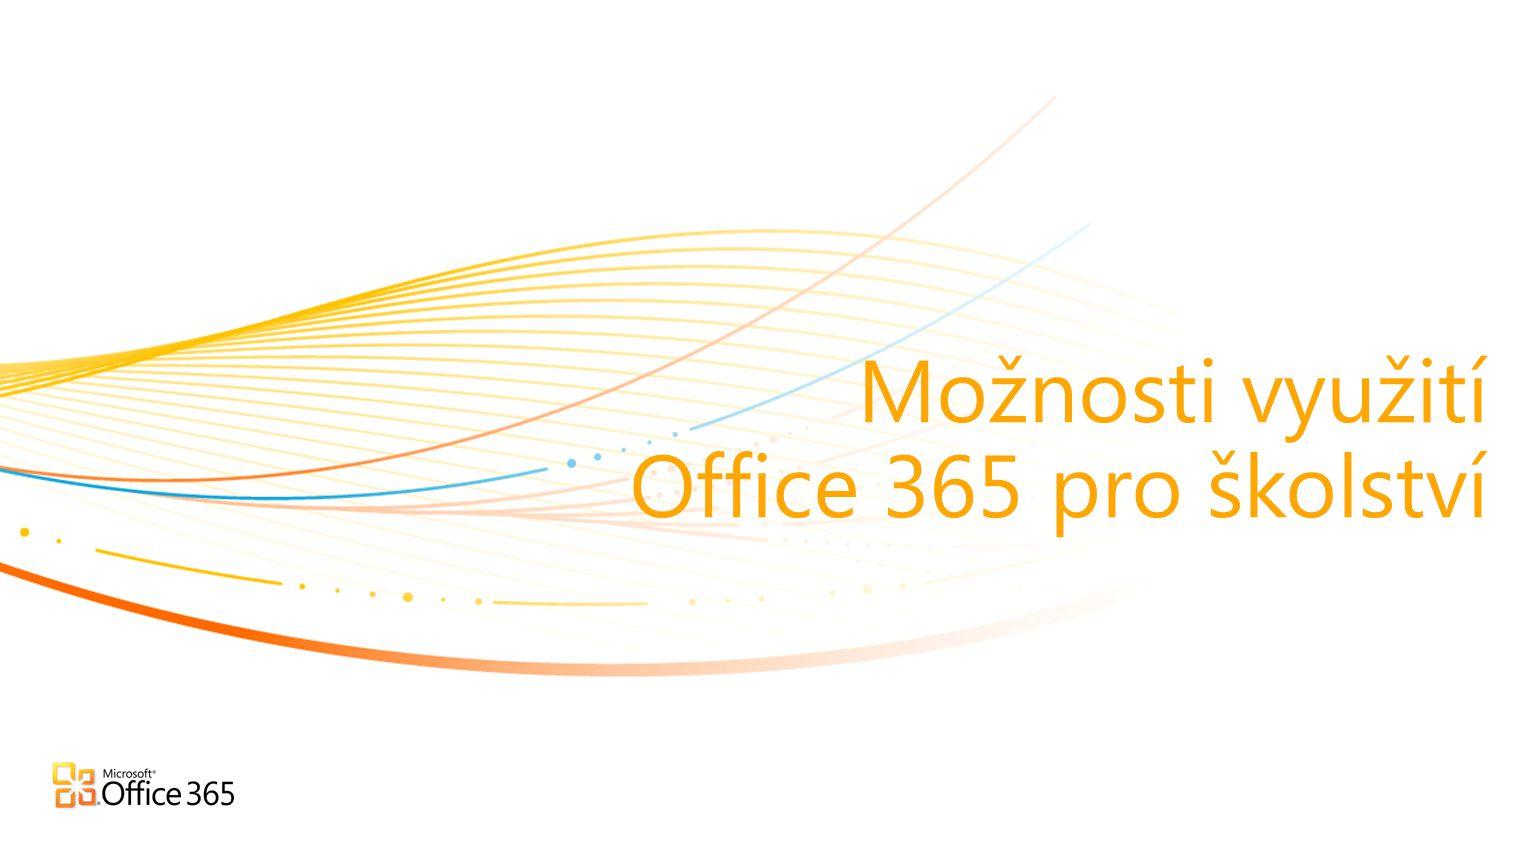 | Copyright© 2010 Microsoft Corporation Bezpečnost Office 365 – další informace Security Whitepaper http://www.microsoft.com/download/en/details.aspx?id=13602 http://www.microsoft.com/download/en/details.aspx?id=13602 Jak vypadají a fungují datacentra - video http://www.microsoft.com/en-us/showcase/details.aspx?uuid=39836de6-cd61-4e16-8b84-2f8f8c3b671c http://www.microsoft.com/en-us/showcase/details.aspx?uuid=39836de6-cd61-4e16-8b84-2f8f8c3b671c Security video http://www.microsoft.com/en-us/showcase/details.aspx?uuid=5cffd010-2088-440d-9c57-b71b2f6ea517 http://www.microsoft.com/en-us/showcase/details.aspx?uuid=5cffd010-2088-440d-9c57-b71b2f6ea517 Privacy video http://www.microsoft.com/en-us/showcase/details.aspx?uuid=a9d7d78f-9a9f-4a8d-86d1-c3834f257363 http://www.microsoft.com/en-us/showcase/details.aspx?uuid=a9d7d78f-9a9f-4a8d-86d1-c3834f257363 Compliance (certifikace) video http://www.microsoft.com/en-us/showcase/details.aspx?uuid=359a1f5a-388d-4f86-aadf-03ae48feb99e http://www.microsoft.com/en-us/showcase/details.aspx?uuid=359a1f5a-388d-4f86-aadf-03ae48feb99e Transparency video http://www.microsoft.com/en-us/showcase/details.aspx?uuid=af5035b9-86fa-4d9c-8496-25b65af7569b http://www.microsoft.com/en-us/showcase/details.aspx?uuid=af5035b9-86fa-4d9c-8496-25b65af7569b Trust principles video http://www.microsoft.com/en-us/showcase/details.aspx?uuid=56acac83-5a89-482a-8a75-d3d26fcd135f http://www.microsoft.com/en-us/showcase/details.aspx?uuid=56acac83-5a89-482a-8a75-d3d26fcd135f